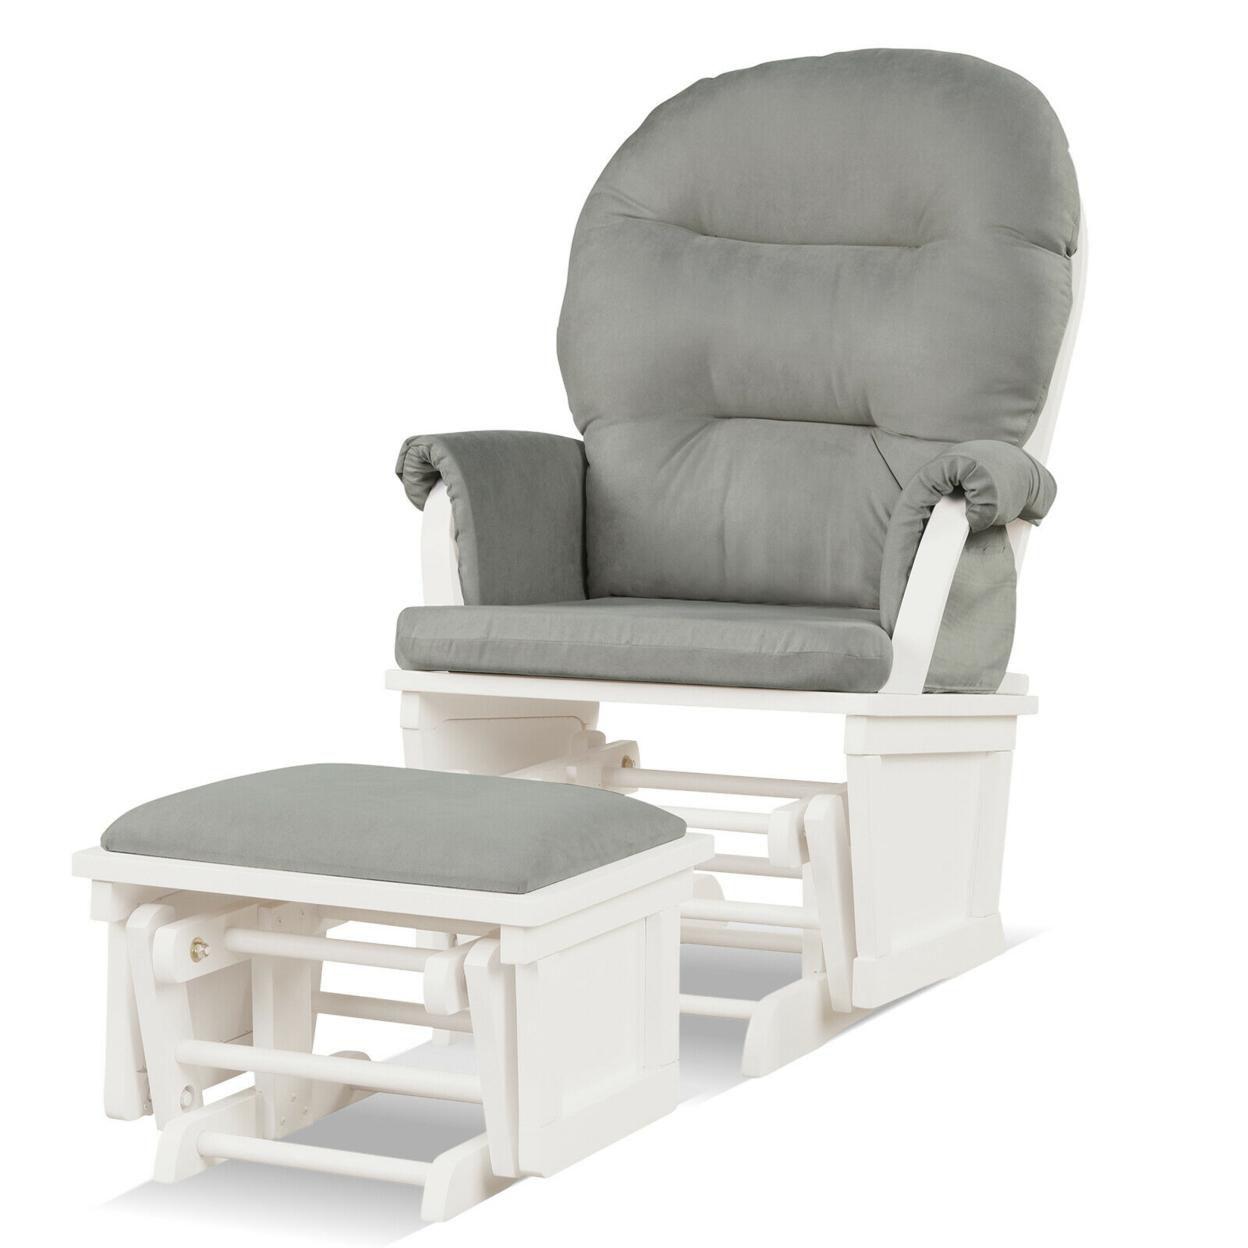 Gymax Wood Glider & Ottoman Cushion Set Baby Nursery Rocking Chair